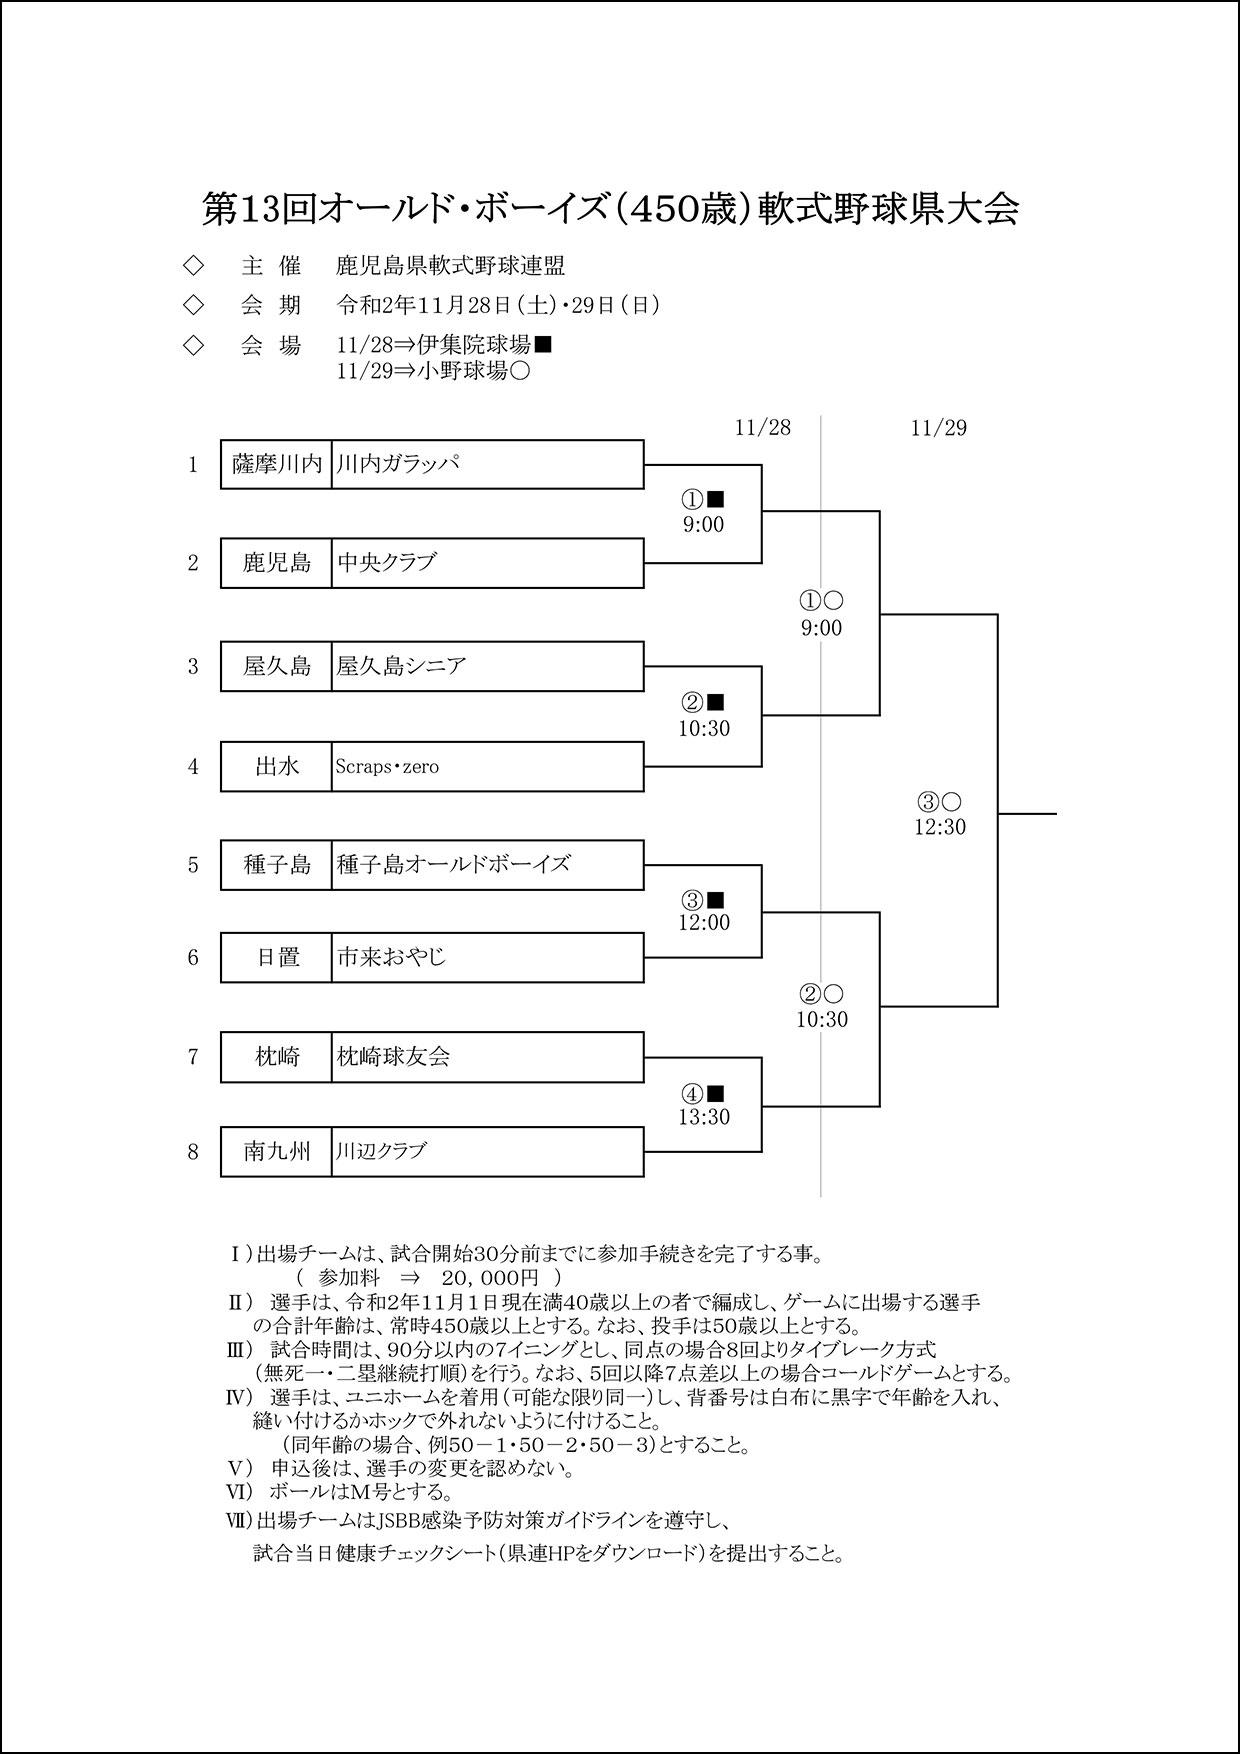 【組合せ】第13回オールド・ボーイズ(450歳)軟式野球県大会